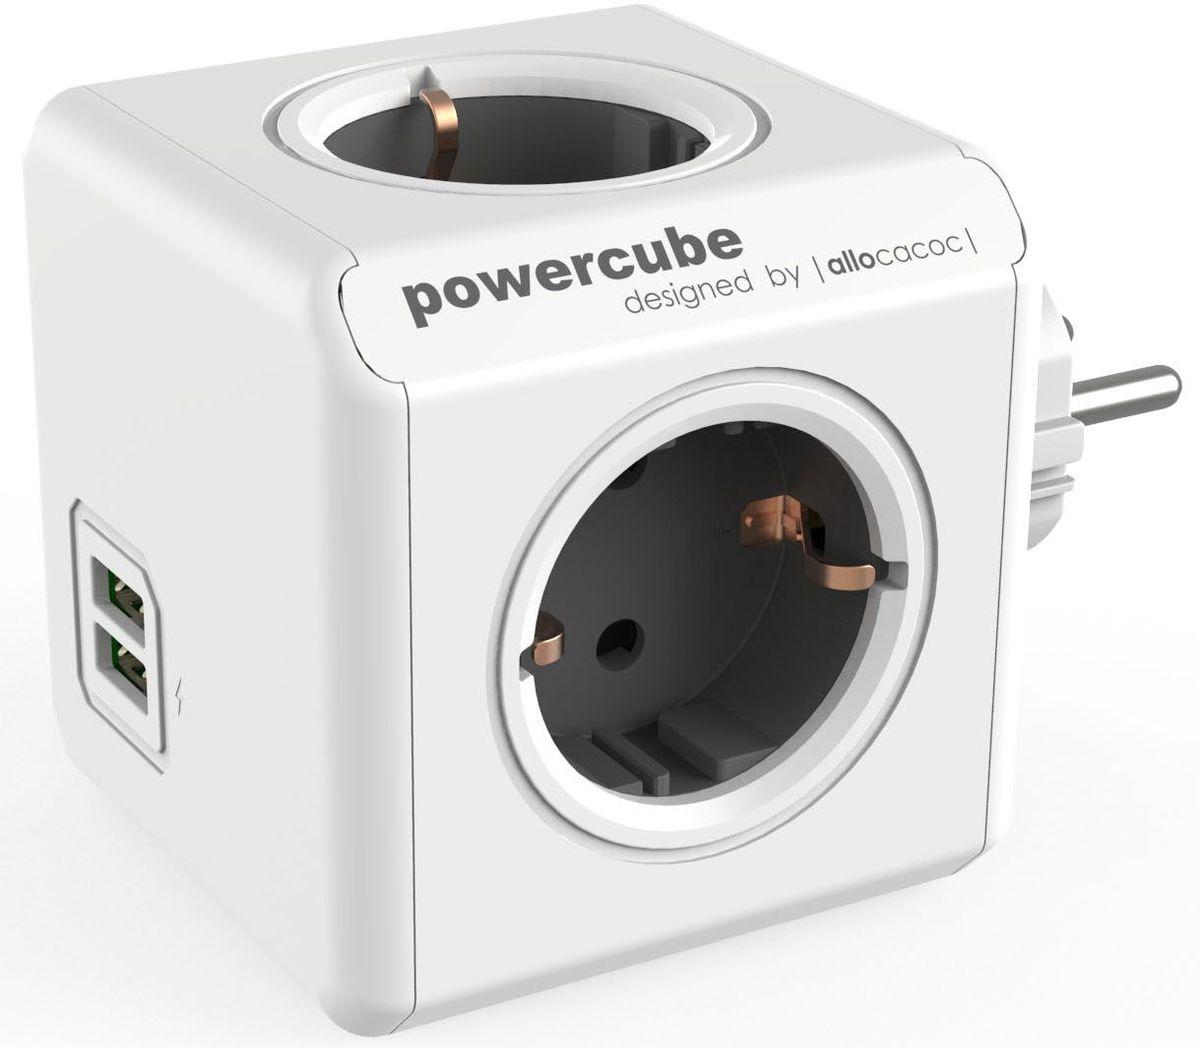 Allocacoc PowerCube Original USB, Grey сетевой разветвитель1202GY/DEOUPCРазветвитель Allocacoc PowerCube Original USB это самая популярная версия PowerCube. Наличие 1,5 (3-х) метрового шнура позволяет установить PowerCube в любом месте, располагая розетку в пределах досягаемости, больше нет необходимости лезть под стол, чтобы подключить Ваш ноутбук! PowerCube содержит USB- порт что позволяет заряжать широкий спектр устройств. Находясь в офисе, дома, на совещании или еще где-нибудь, бывает трудно найти свободную розетку для зарядки ноутбука или мобильного телефона. PowerCube решил эту проблему: количество розеток можно расширить, что позволит монтировать индивидуальный источник питания в пределах досягаемости.